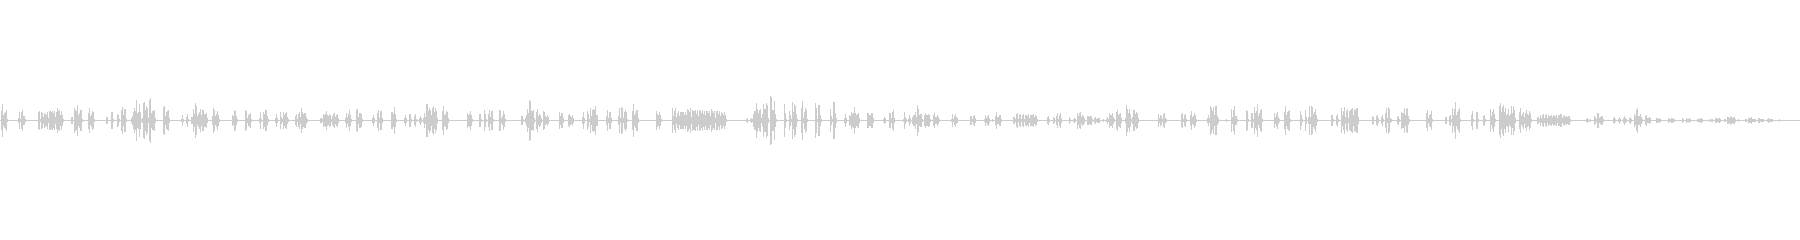 ヒヨドリ8 ソロ 使い易い~早朝生録音の未再生の波形